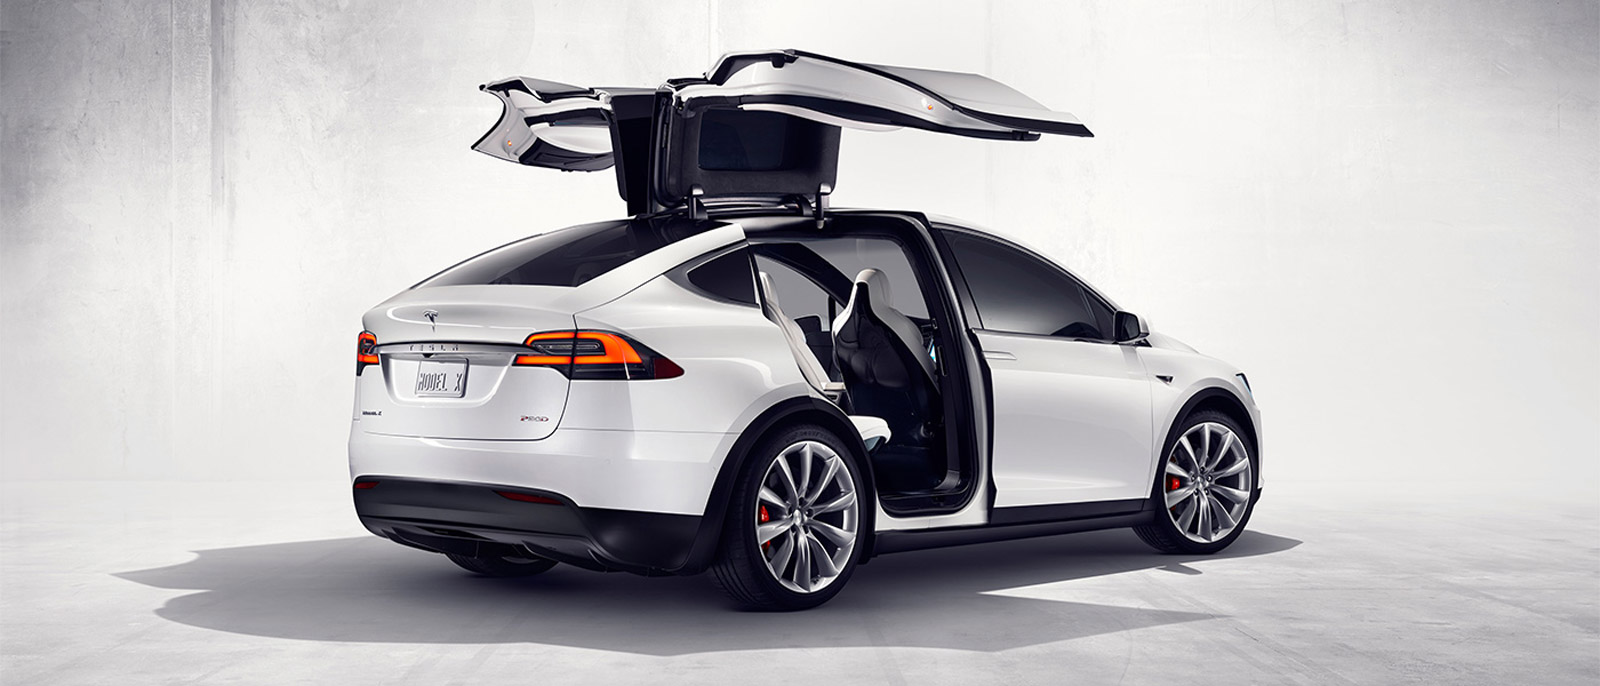 2016 Tesla Model X Epa Ratings Range Now Available